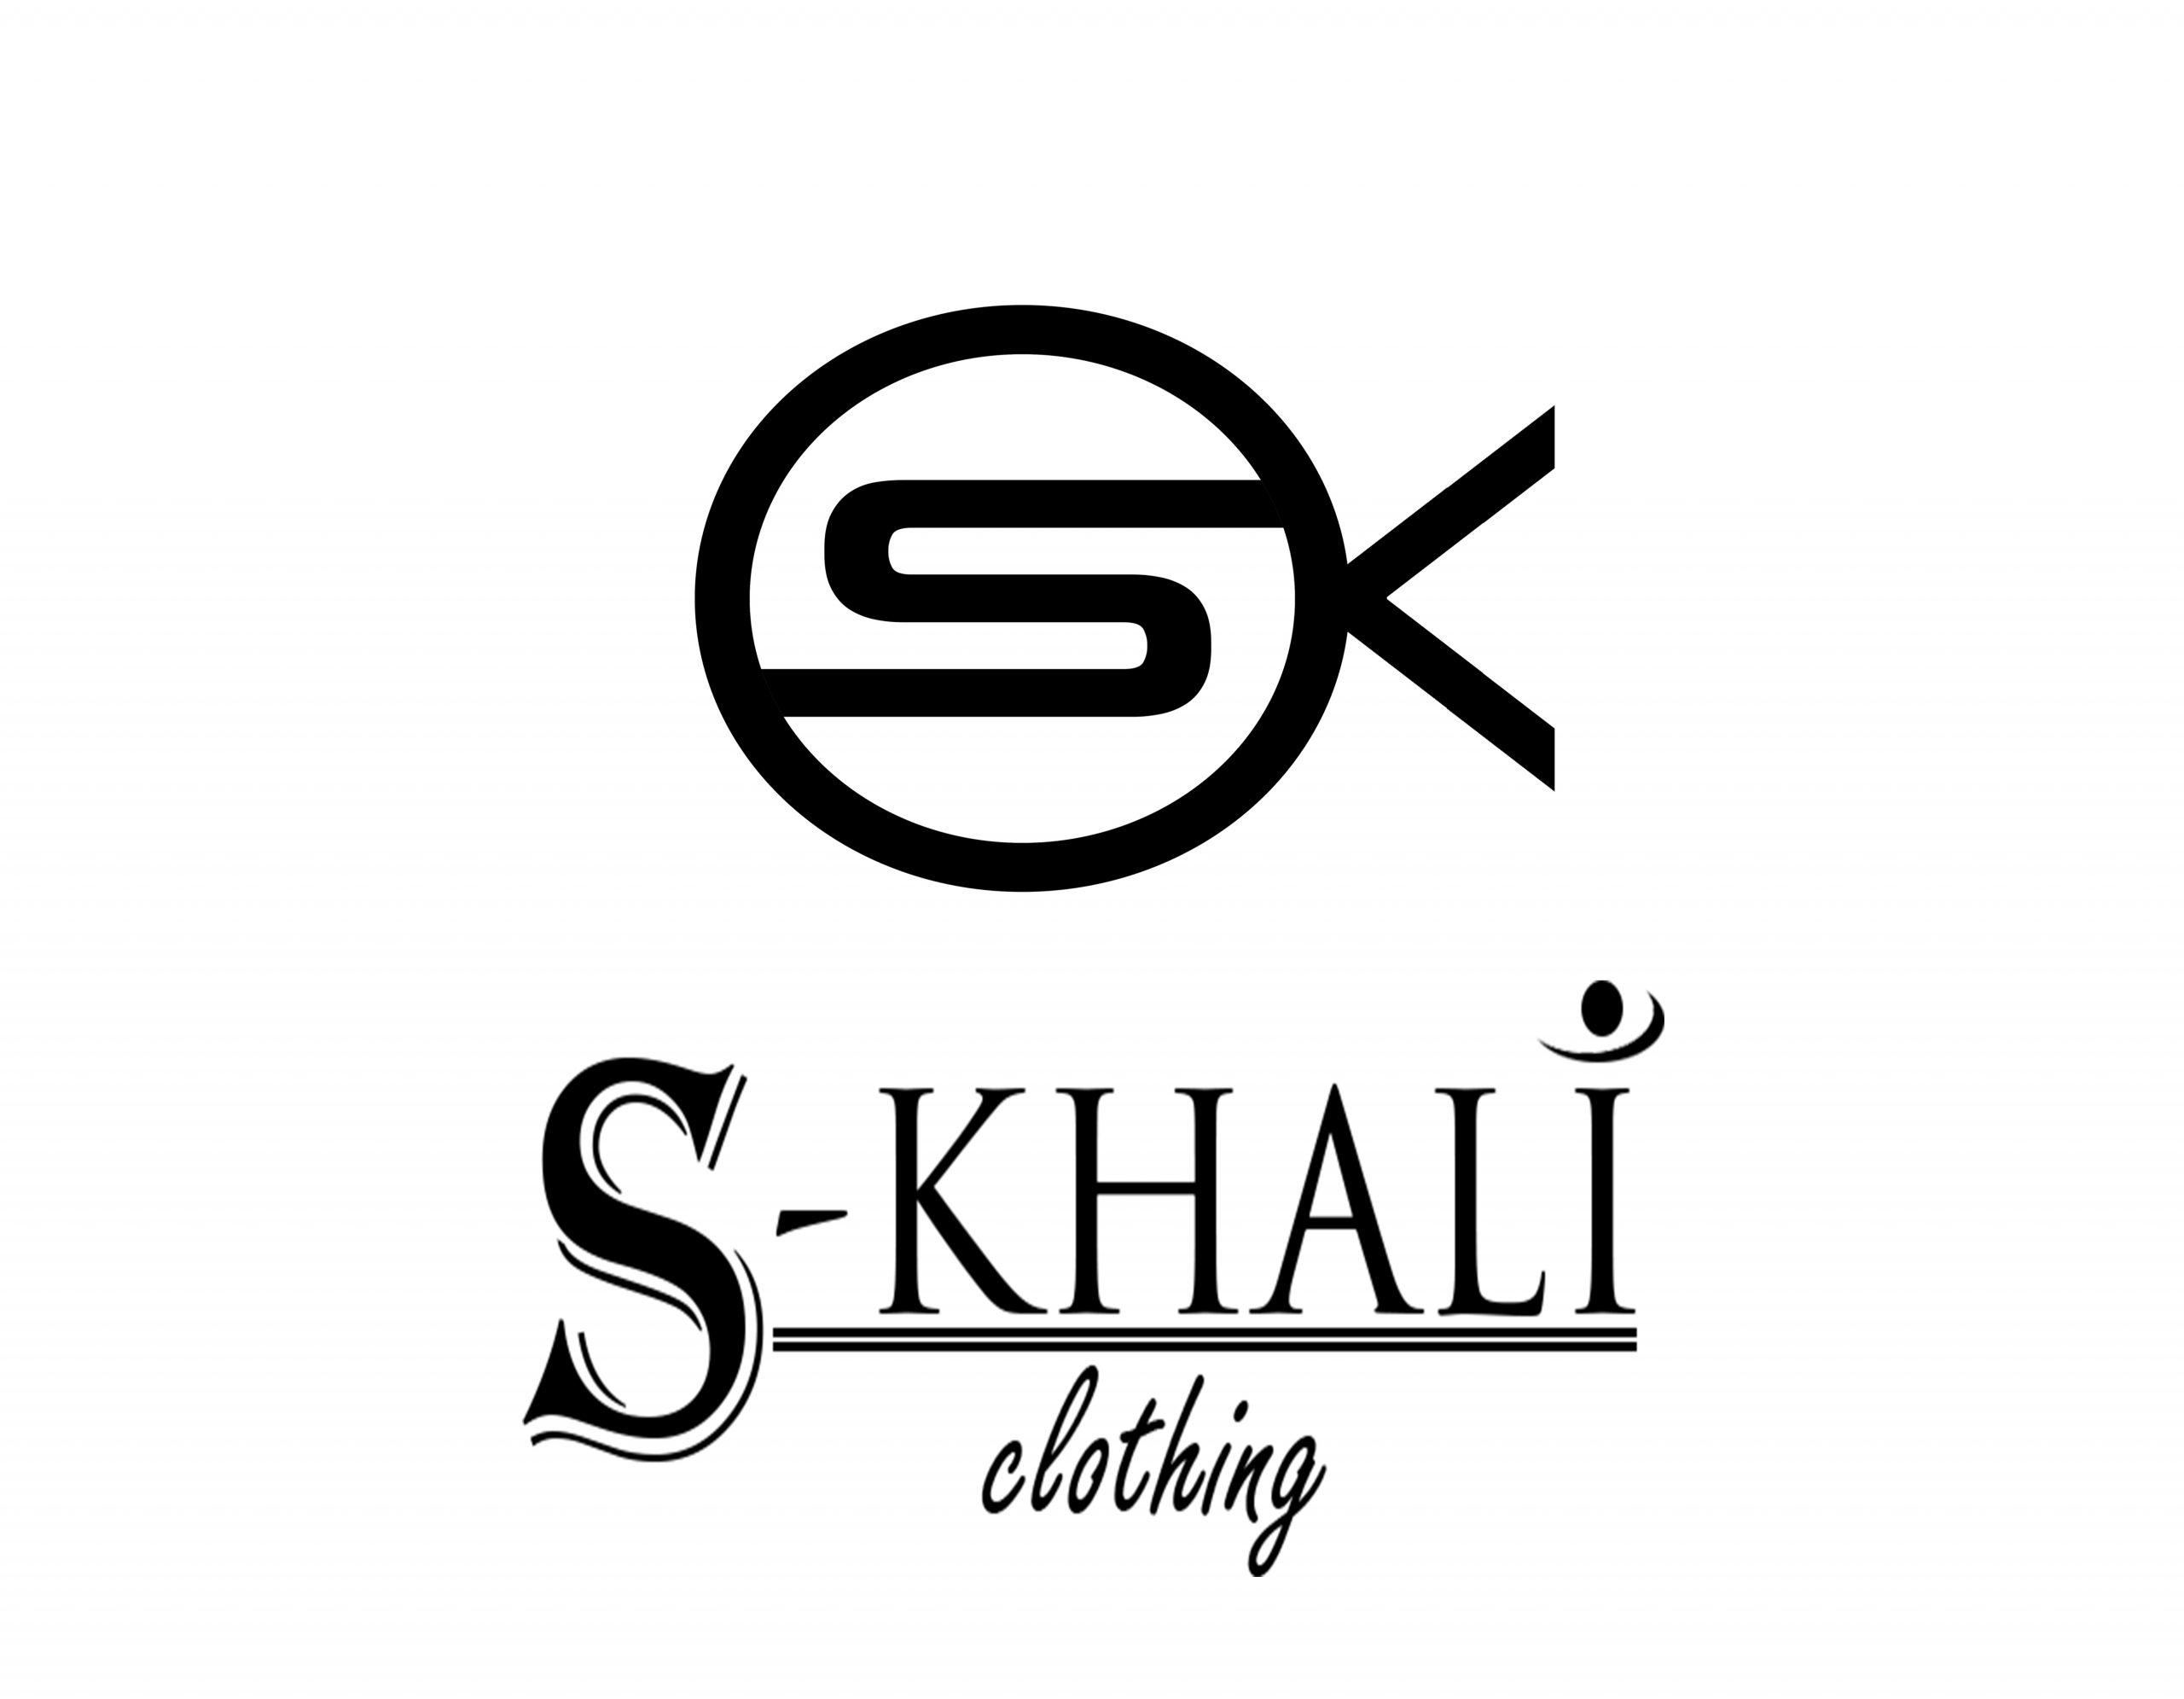 S-KHALI CLOTHING